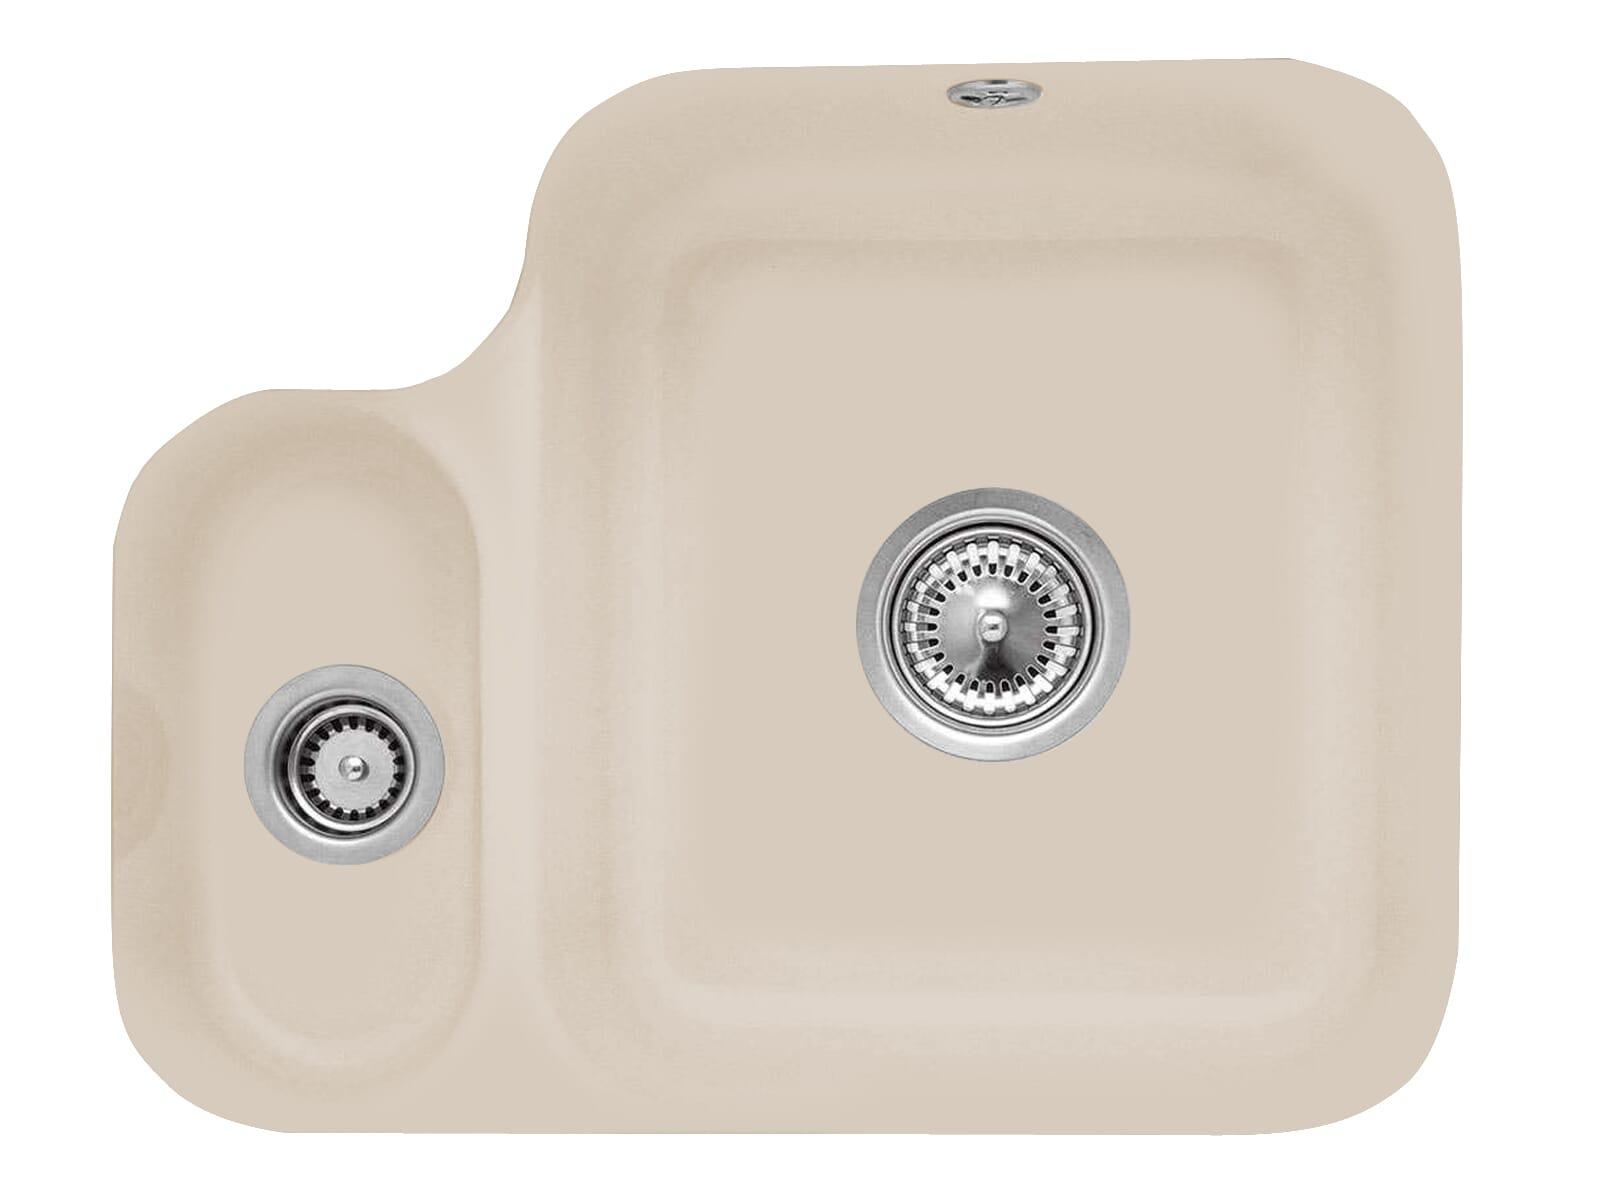 Villeroy & Boch Cisterna 60B Almond - 6702 01 AM Keramikspüle Handbetätigung